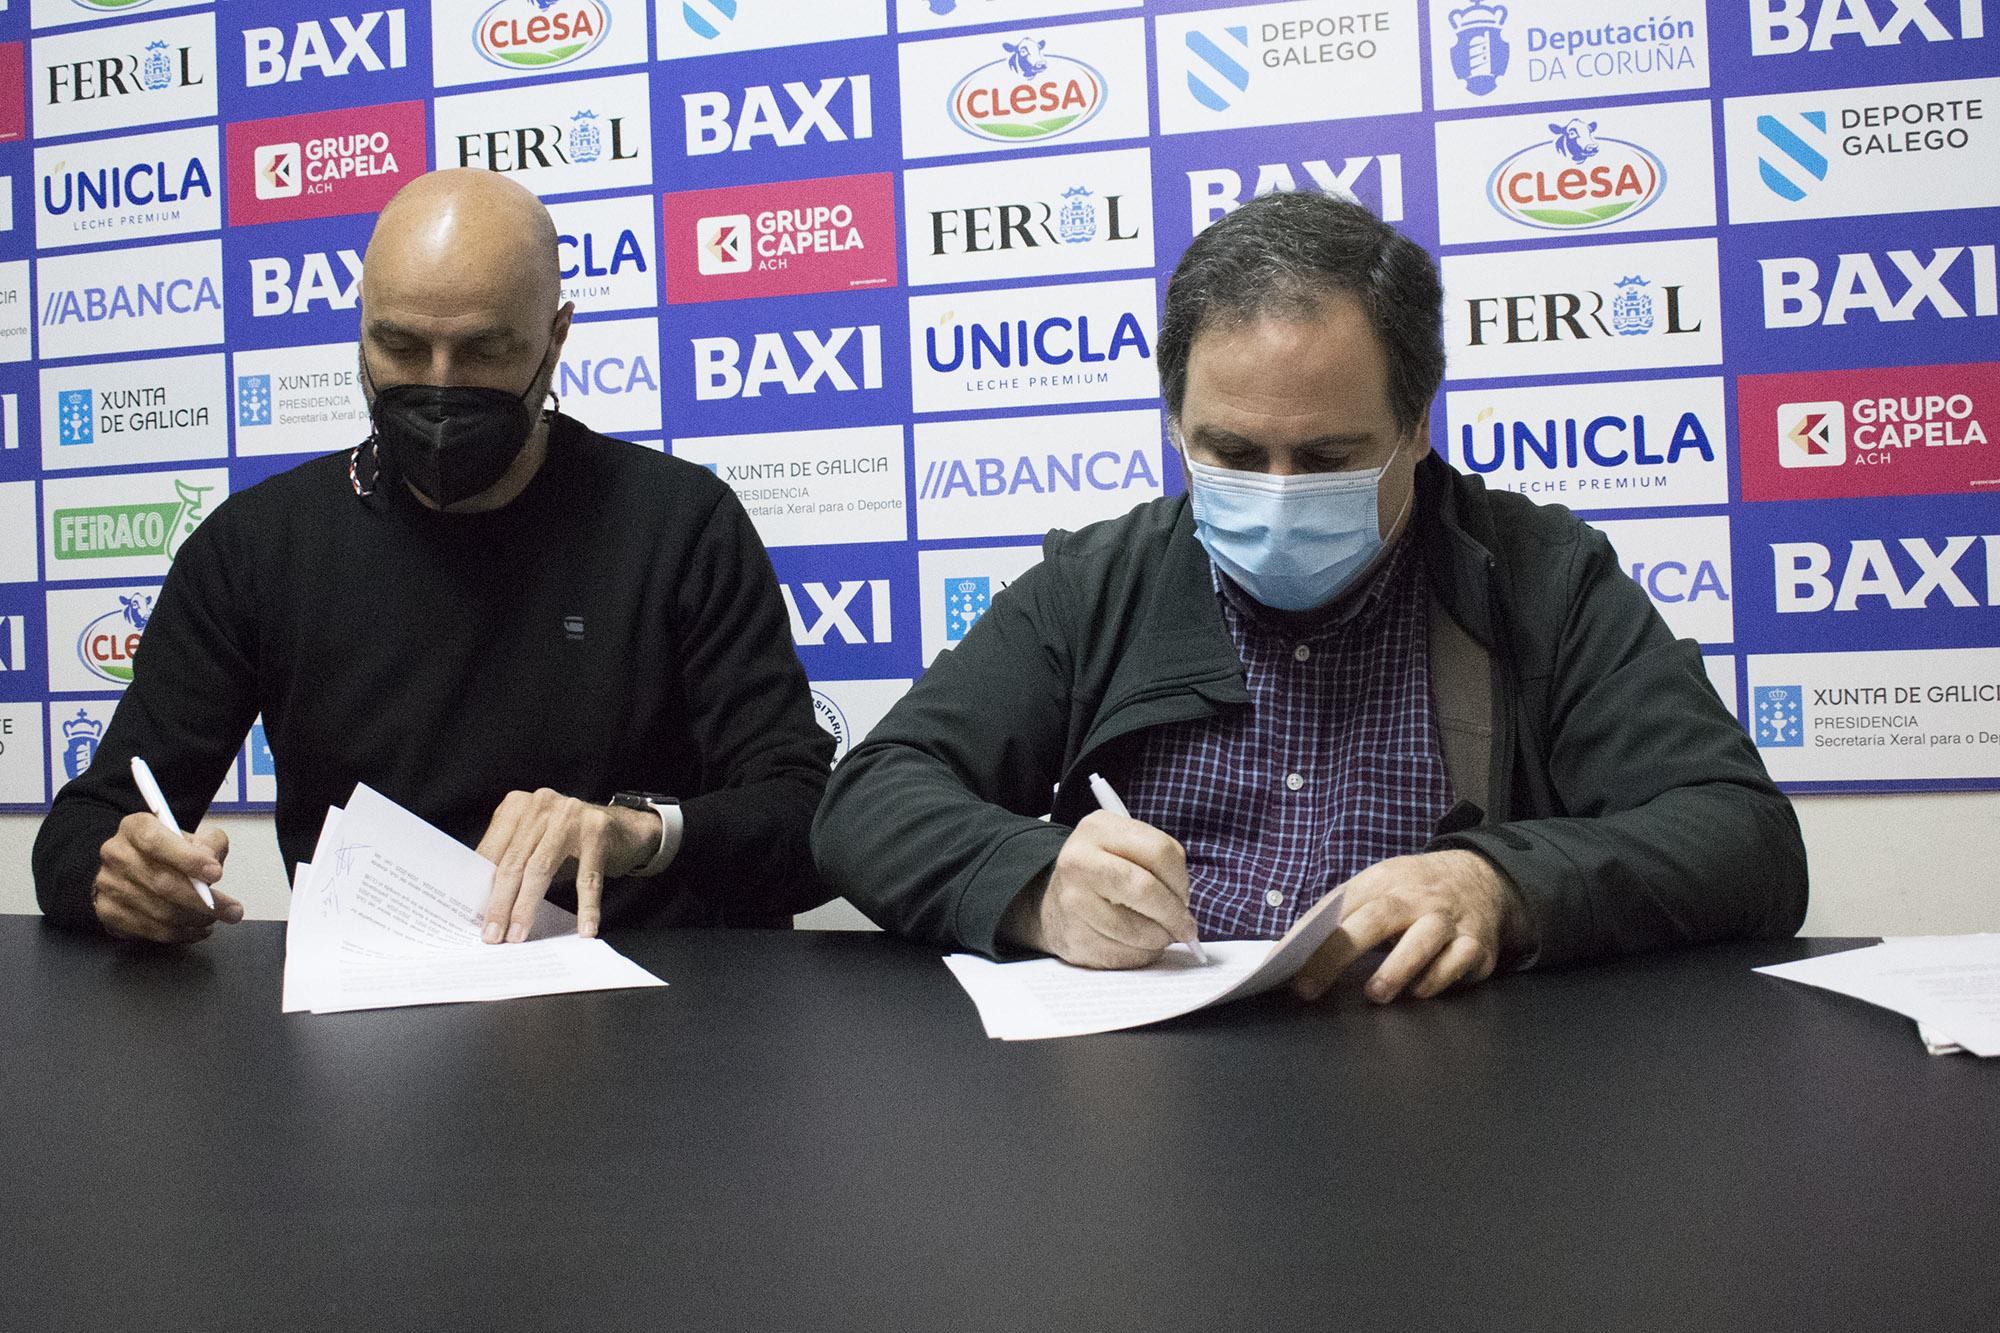 O presidente do BAXI Ferrol, Santi Rey, e o adestrador, Lino López asinan novo contrato / UNIVERSITARIO FERROL